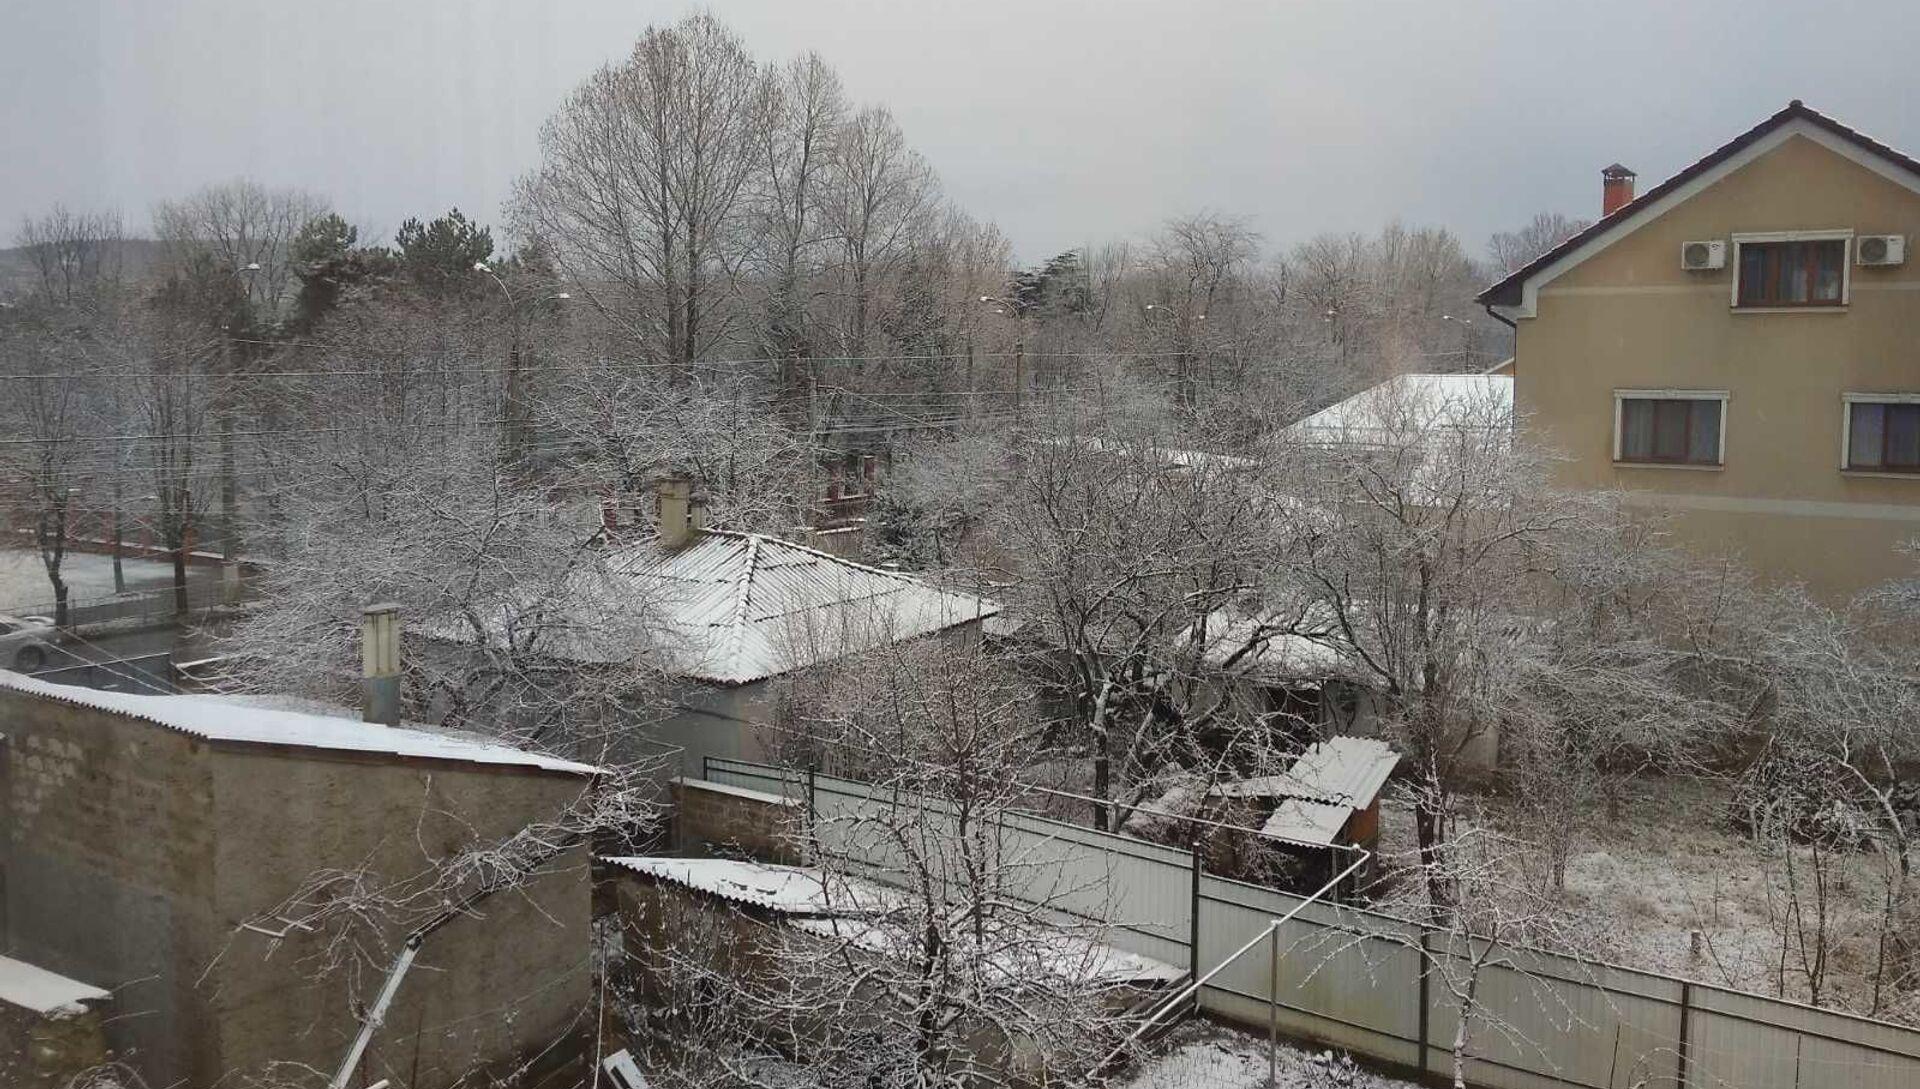 Снегопад в Симферополе 10 января 2021 года - РИА Новости, 1920, 11.01.2021